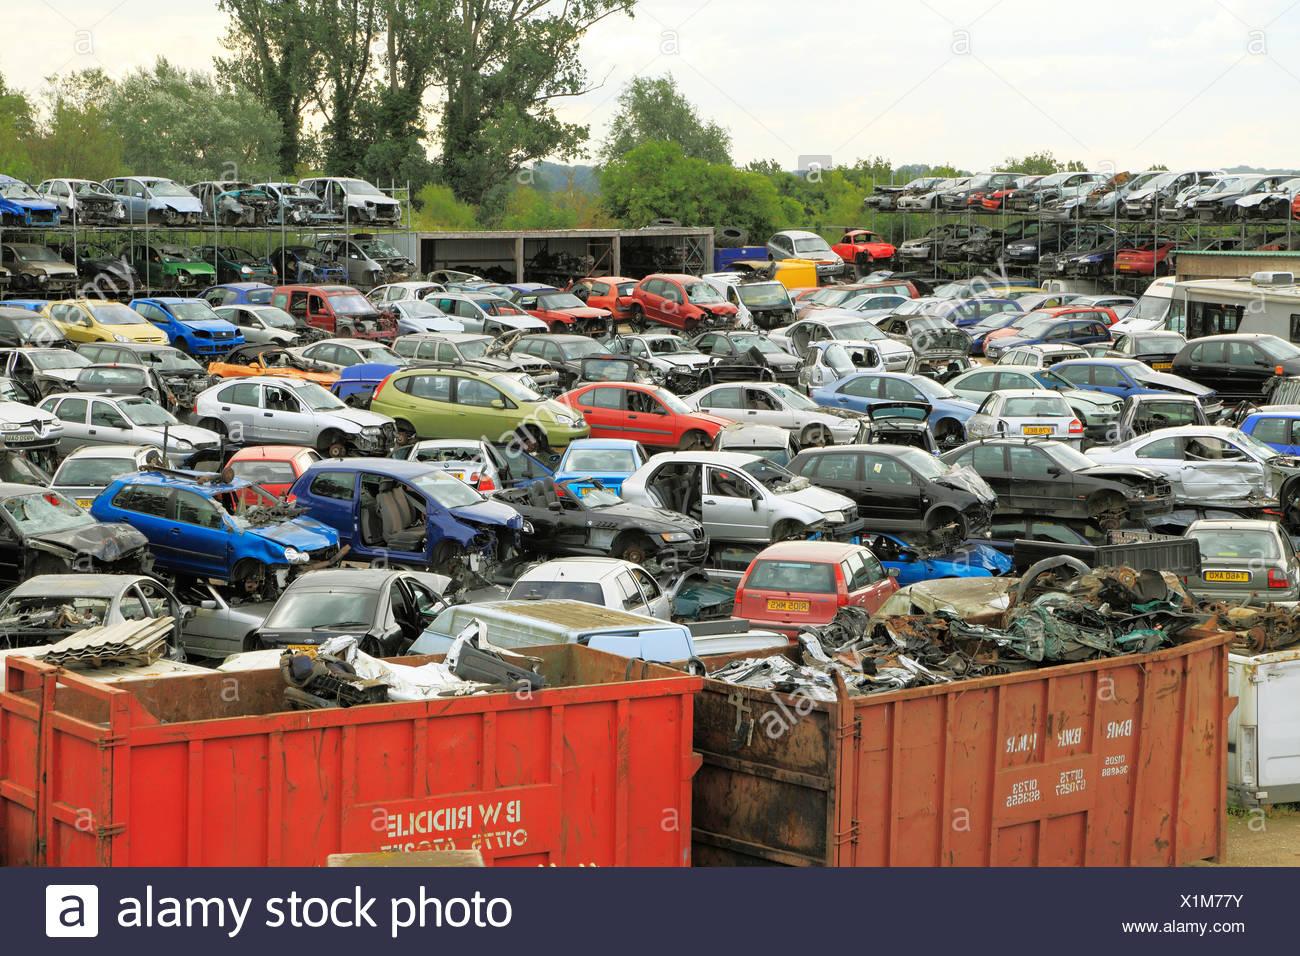 """Vehículos destrozados Dump , """"salvage yard, almacén de reciclaje de chatarra de autos volcados vehículos Wereham depósitos Norfolk Inglaterra Imagen De Stock"""